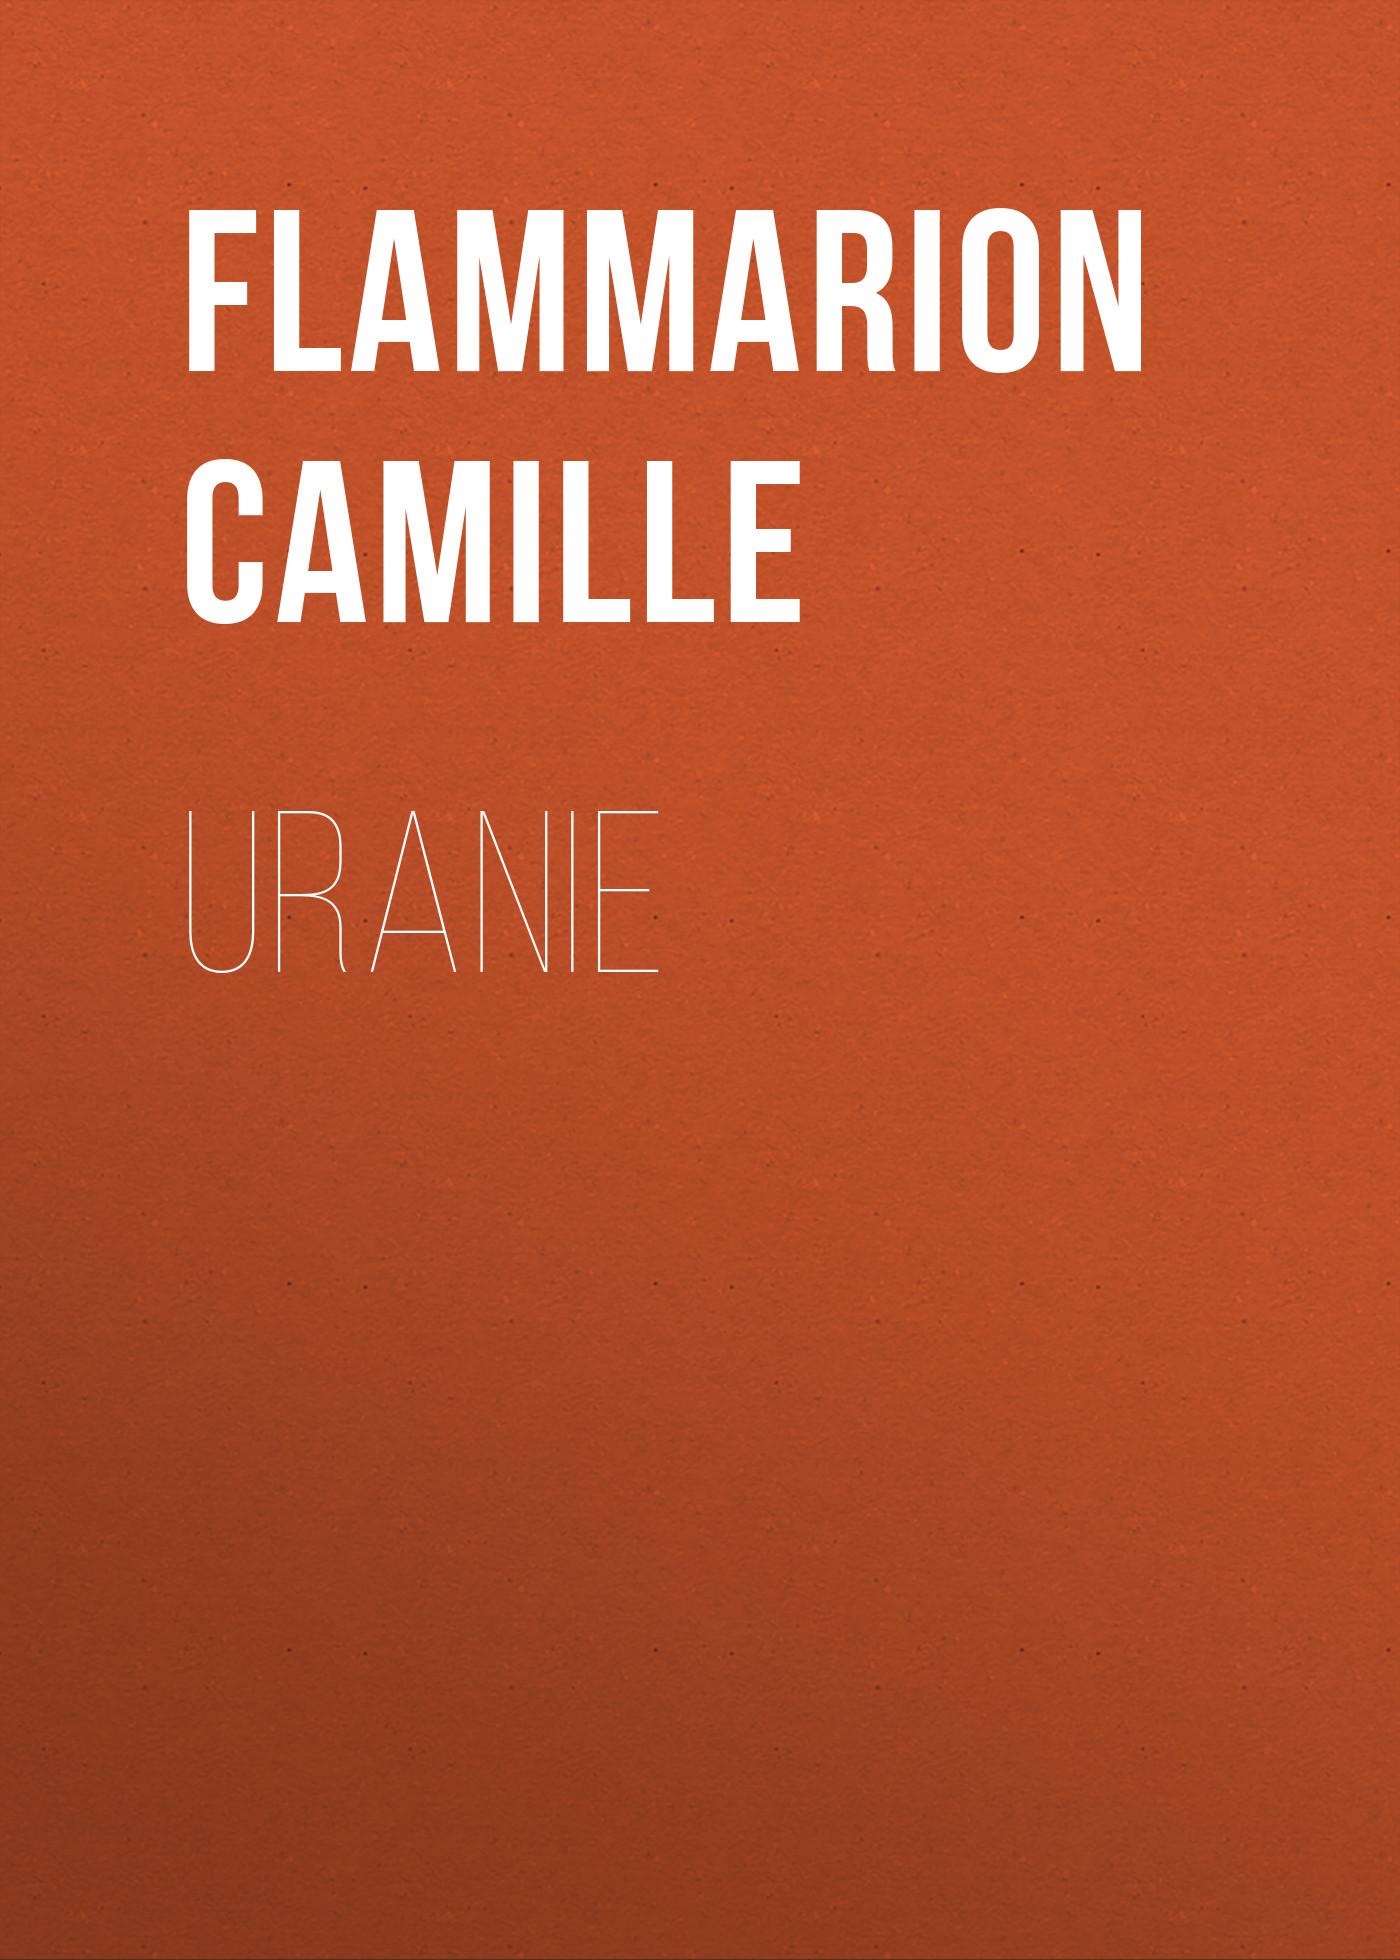 лучшая цена Flammarion Camille Uranie